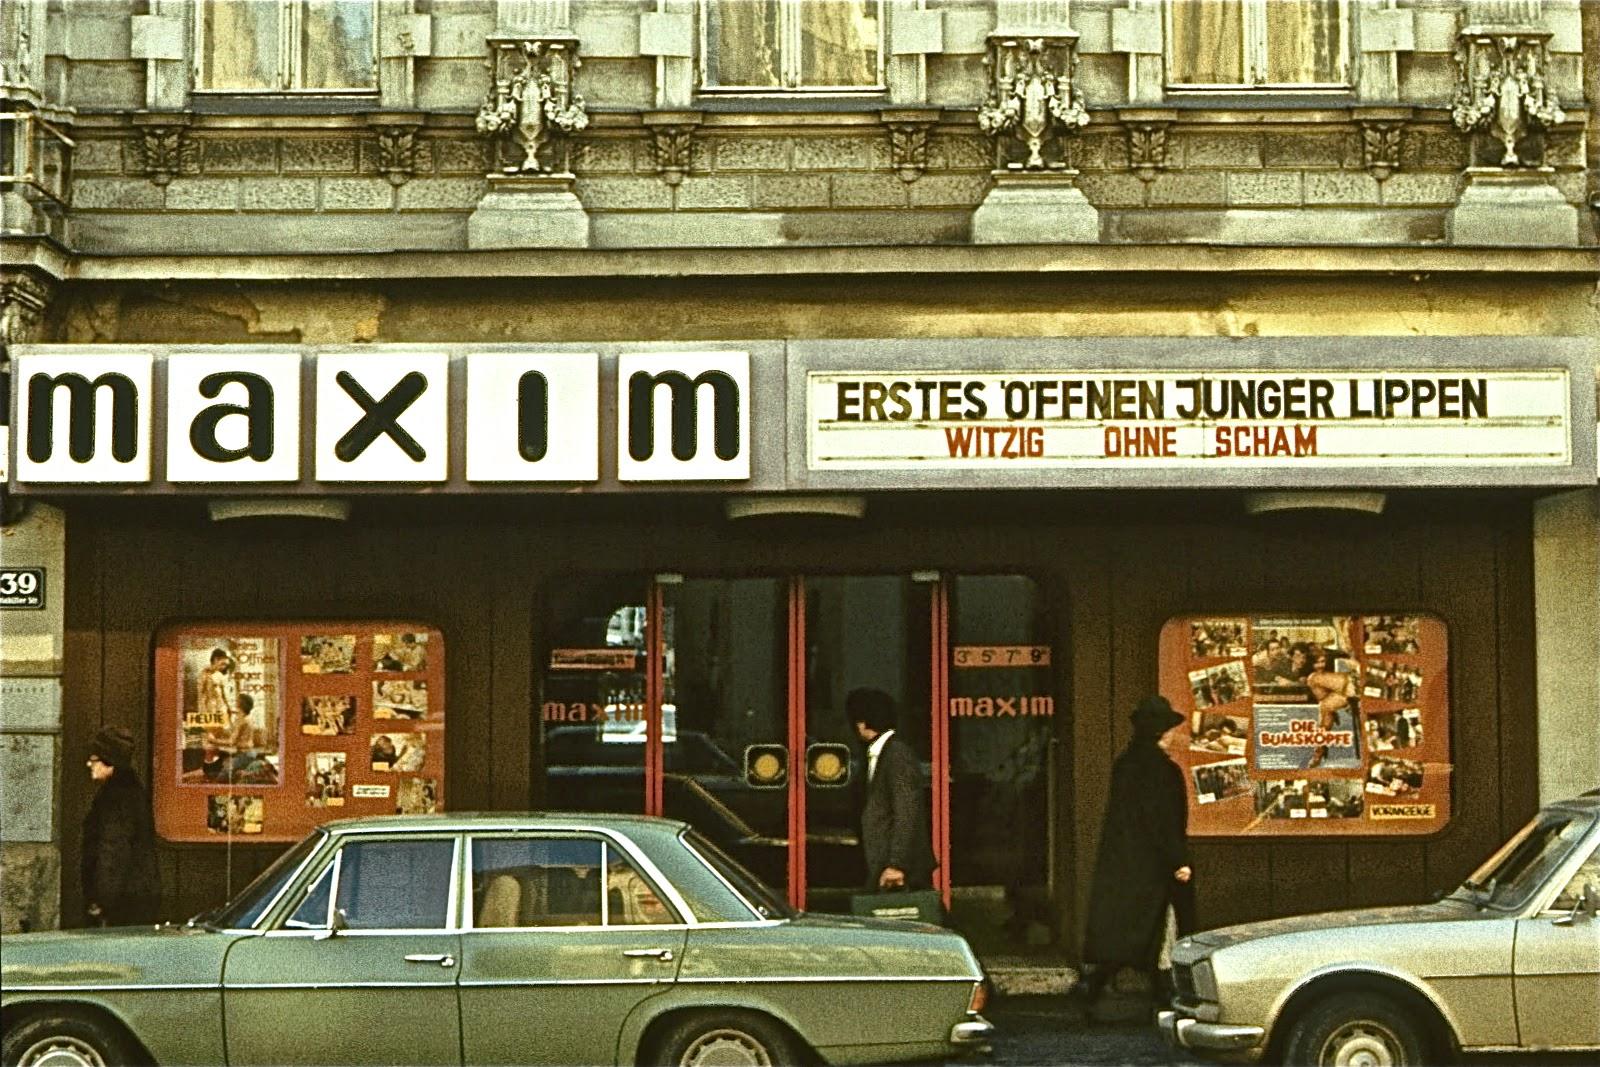 Kino Maxim